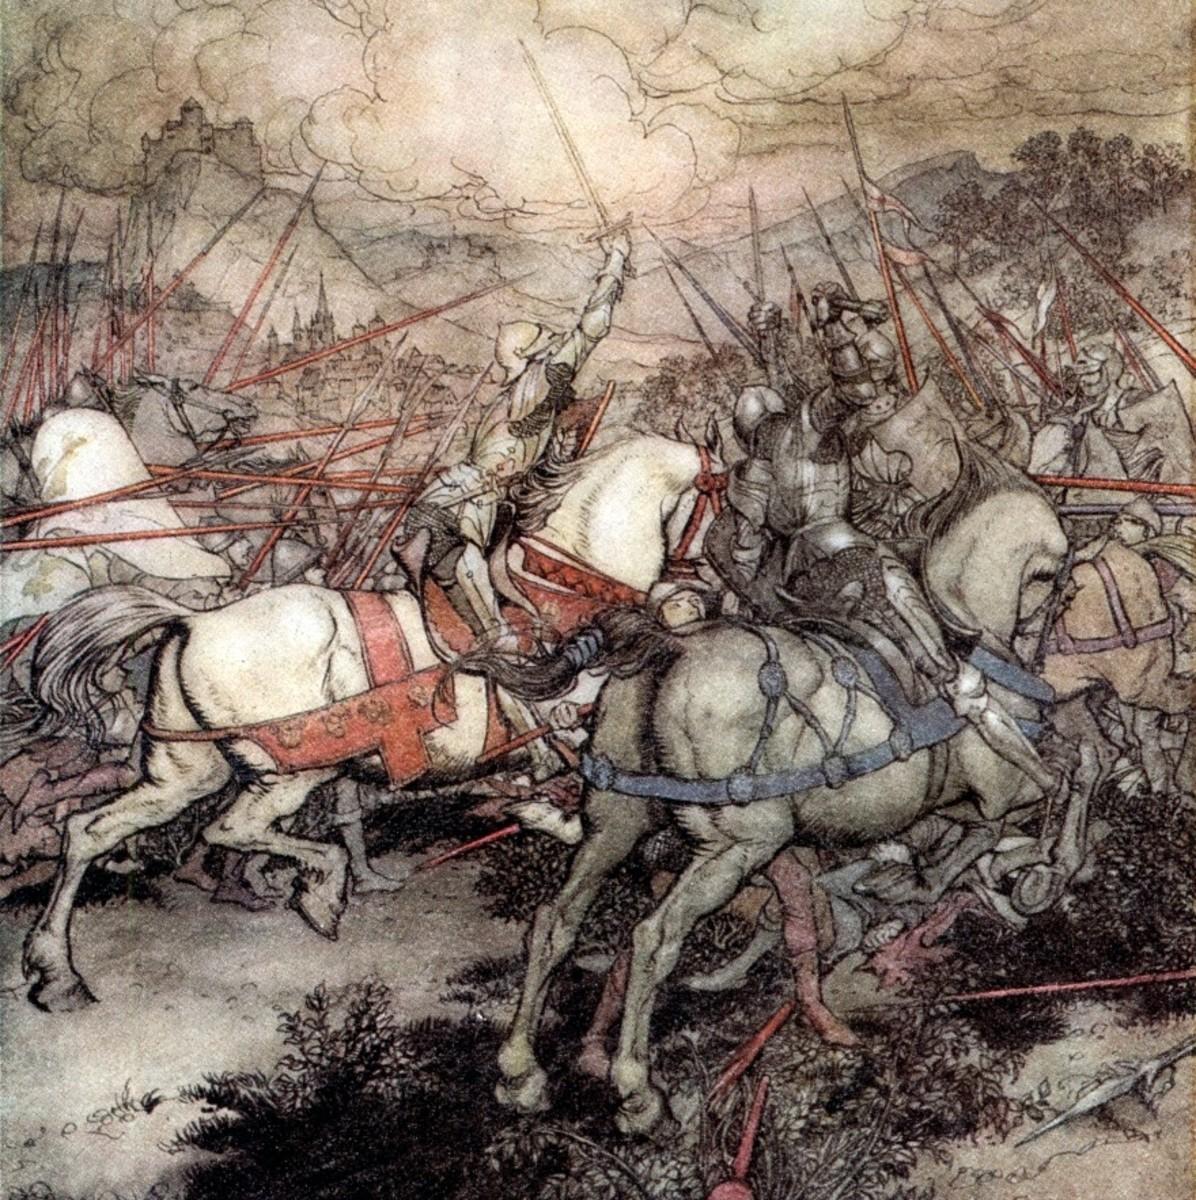 Art by Arthur Rackham, 1917